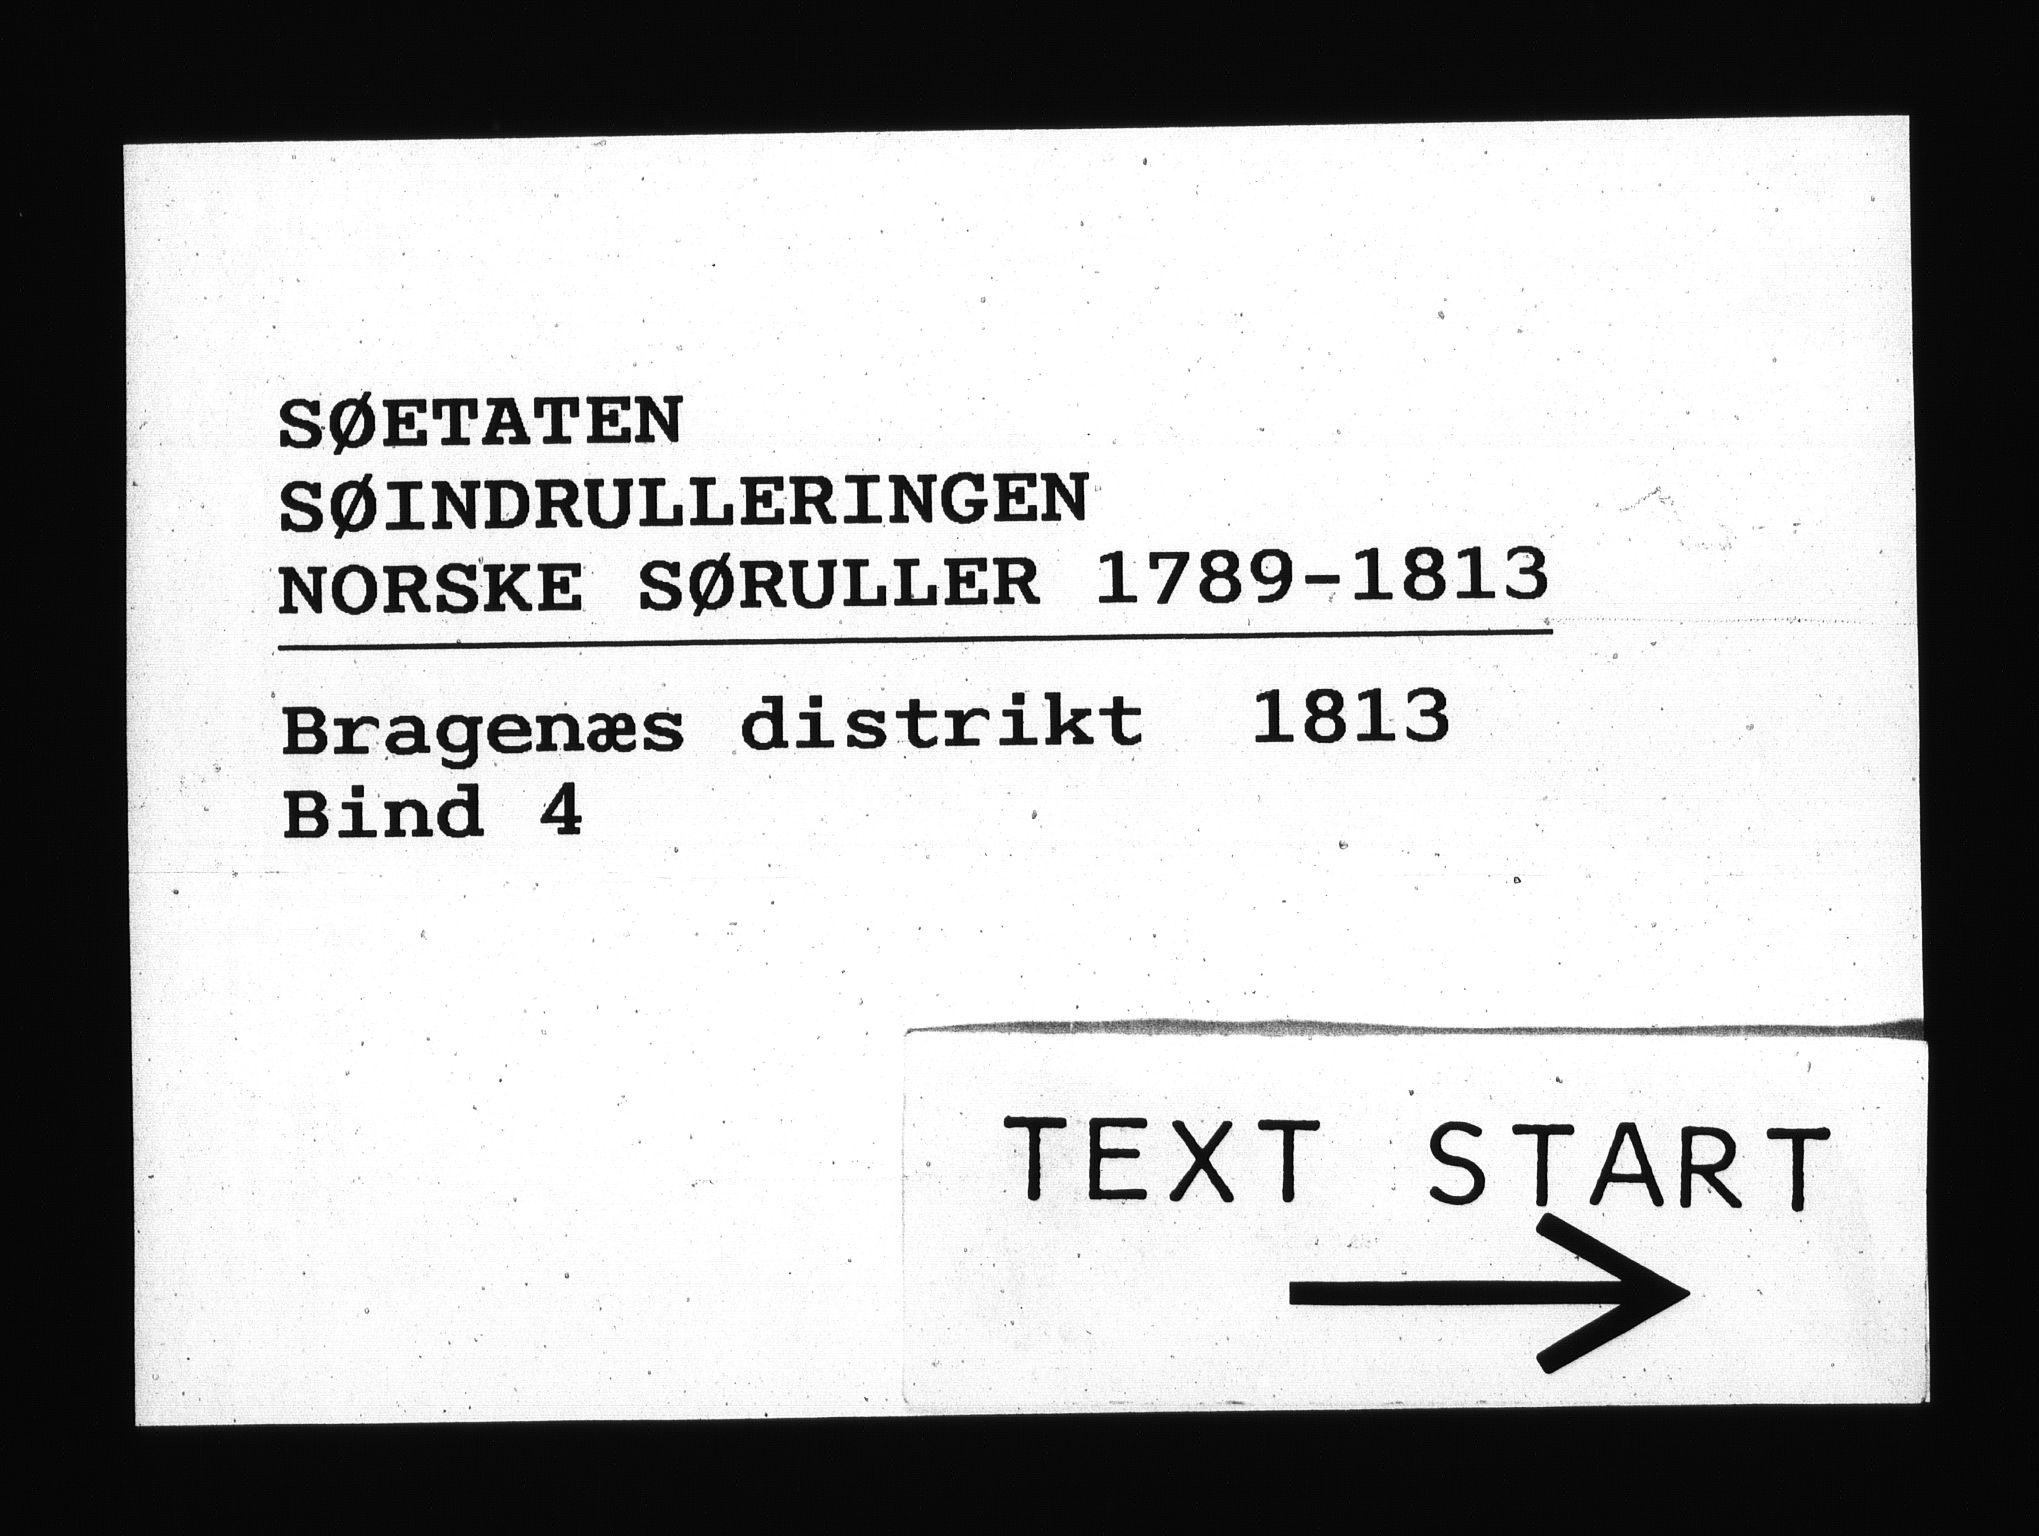 RA, Sjøetaten, F/L0171: Bragernes distrikt, bind 4, 1813